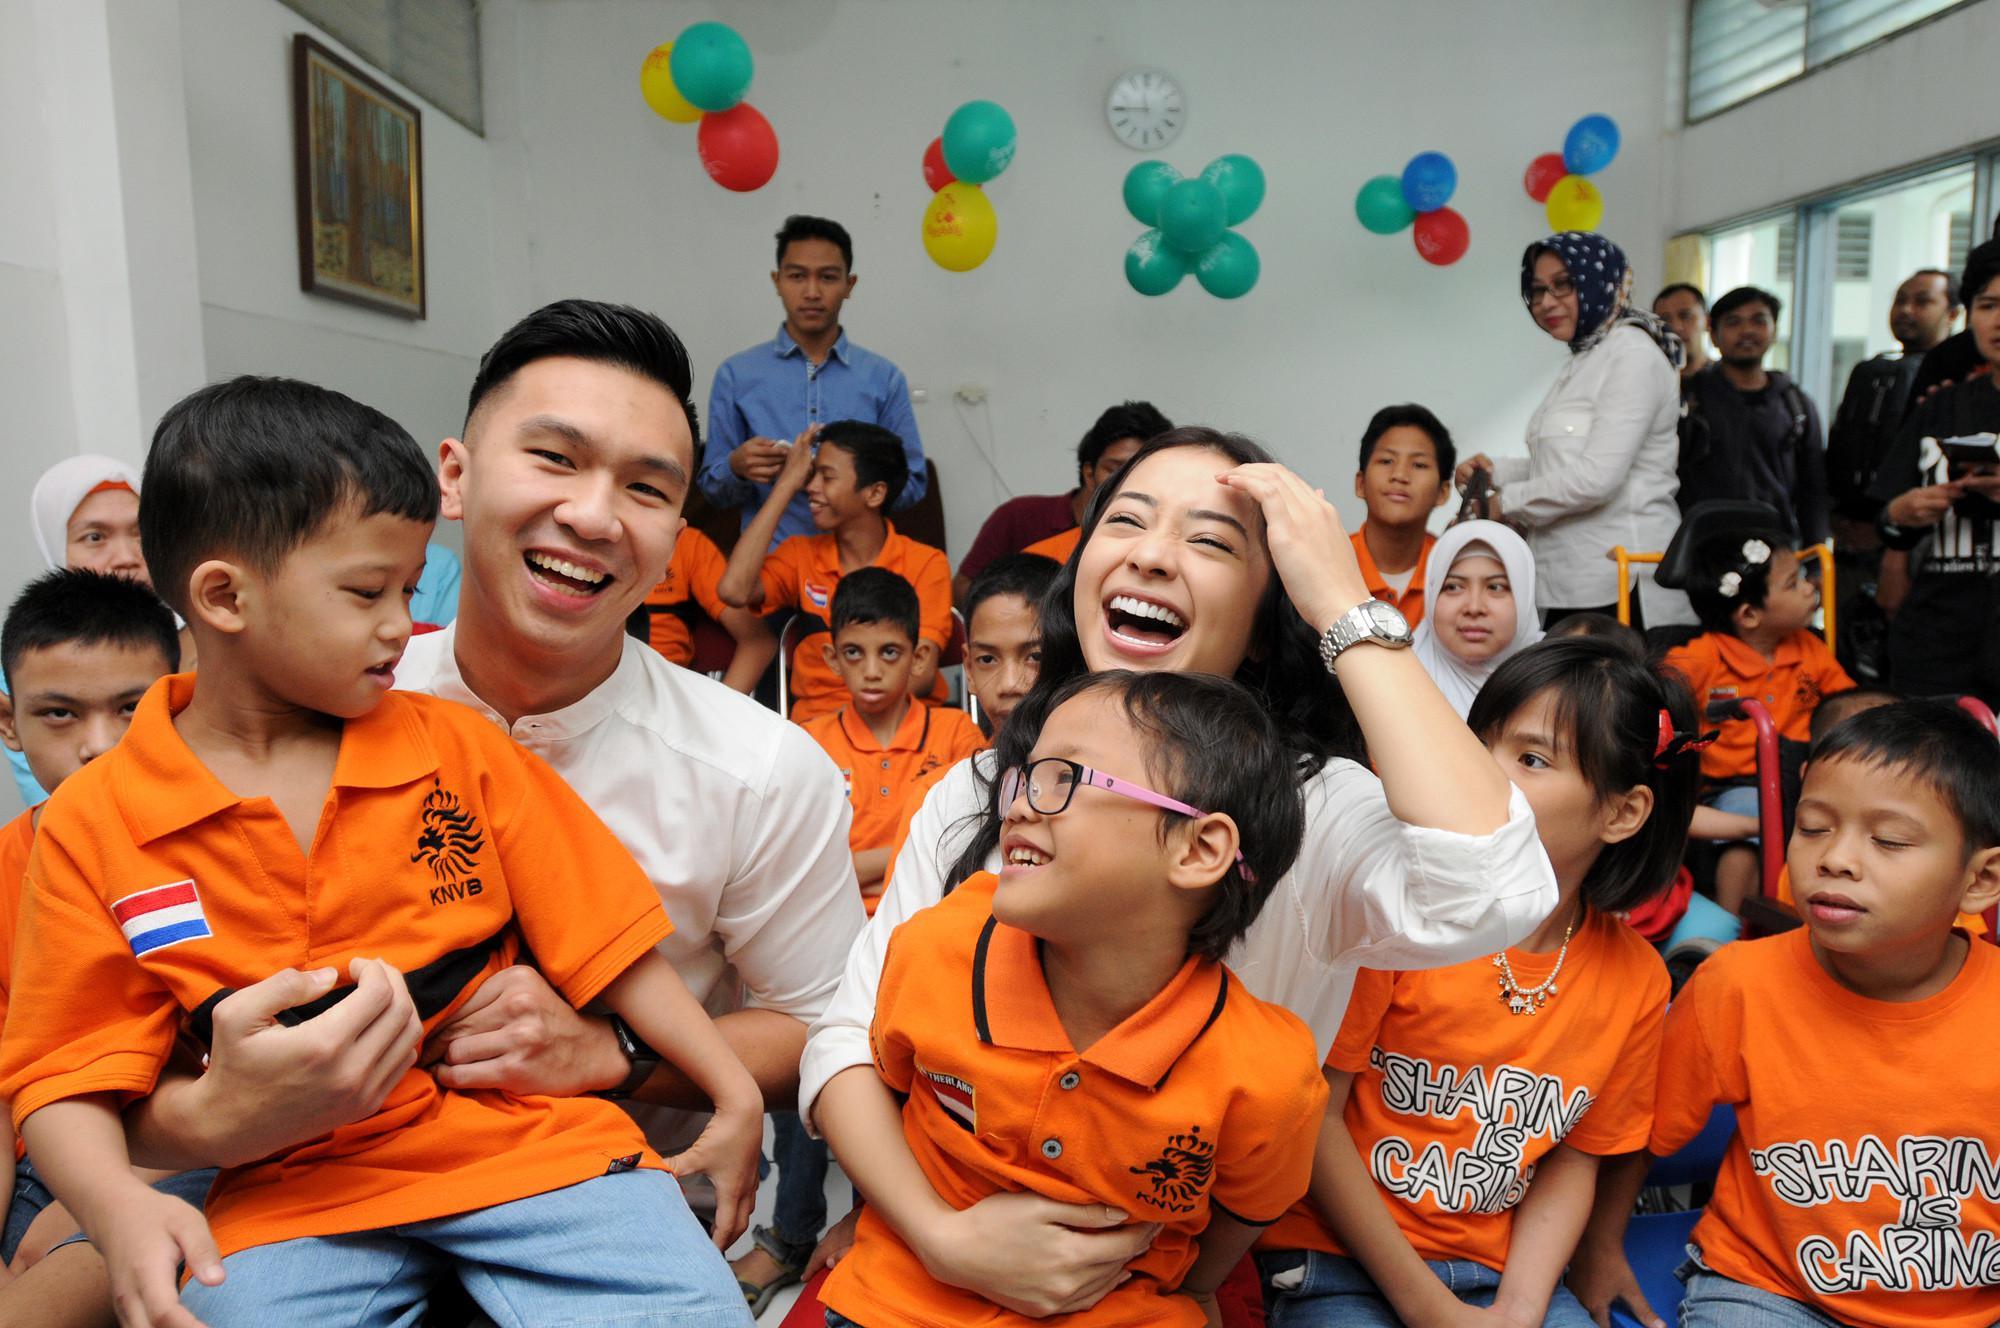 Awal Pacari Nikita Willy Indra Priawan Tanyakan Tanggal Ultah News Entertainment Fimela Com